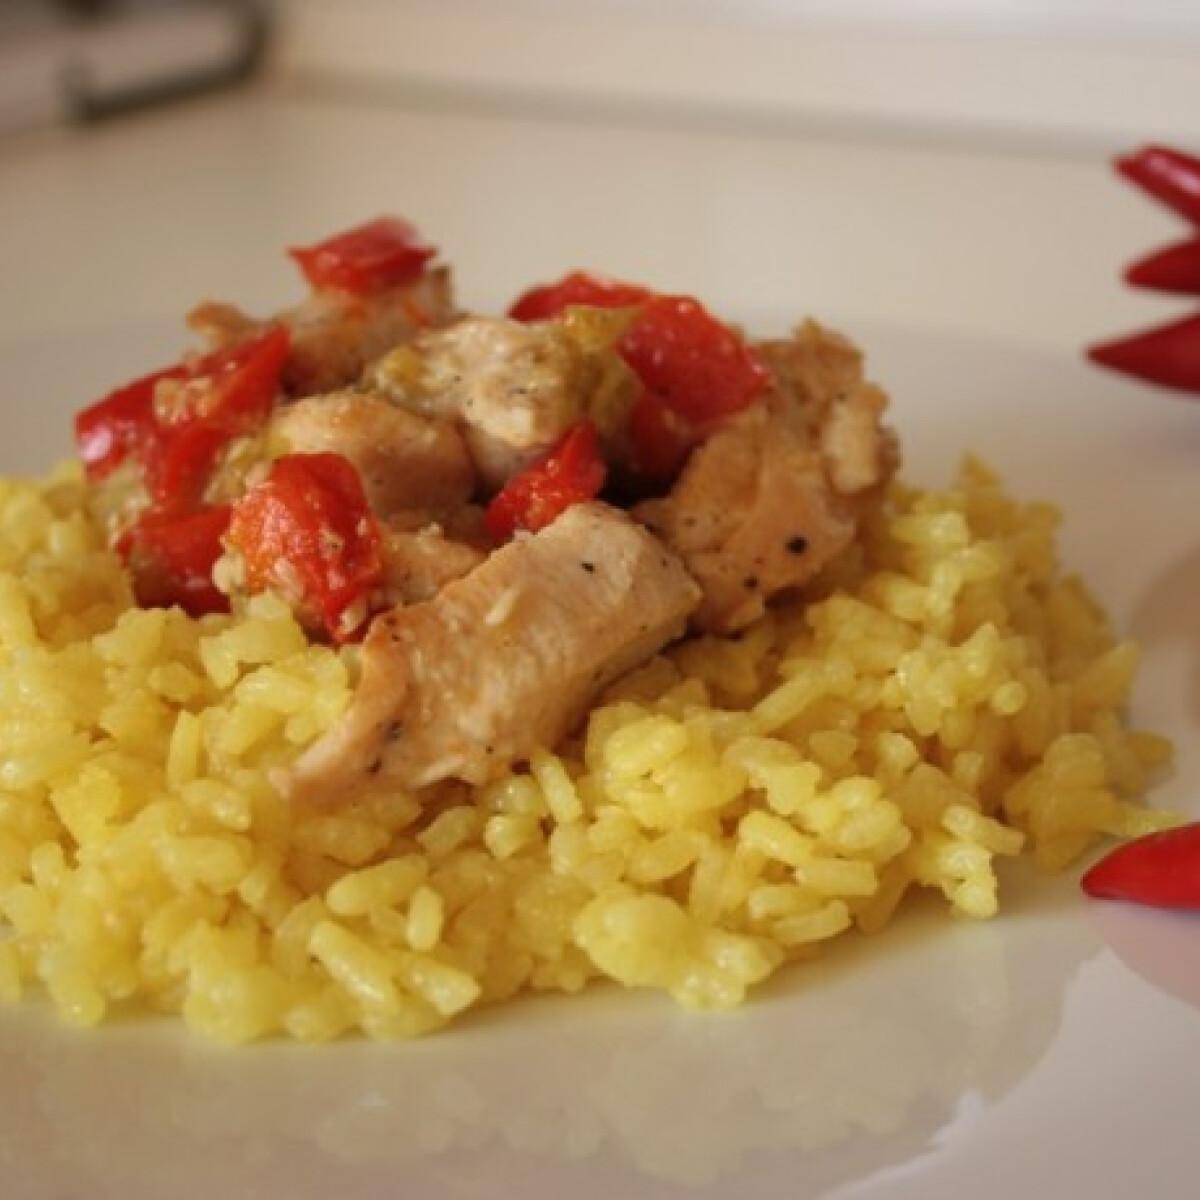 Ezen a képen: Csípős csirke sárga rizzsel